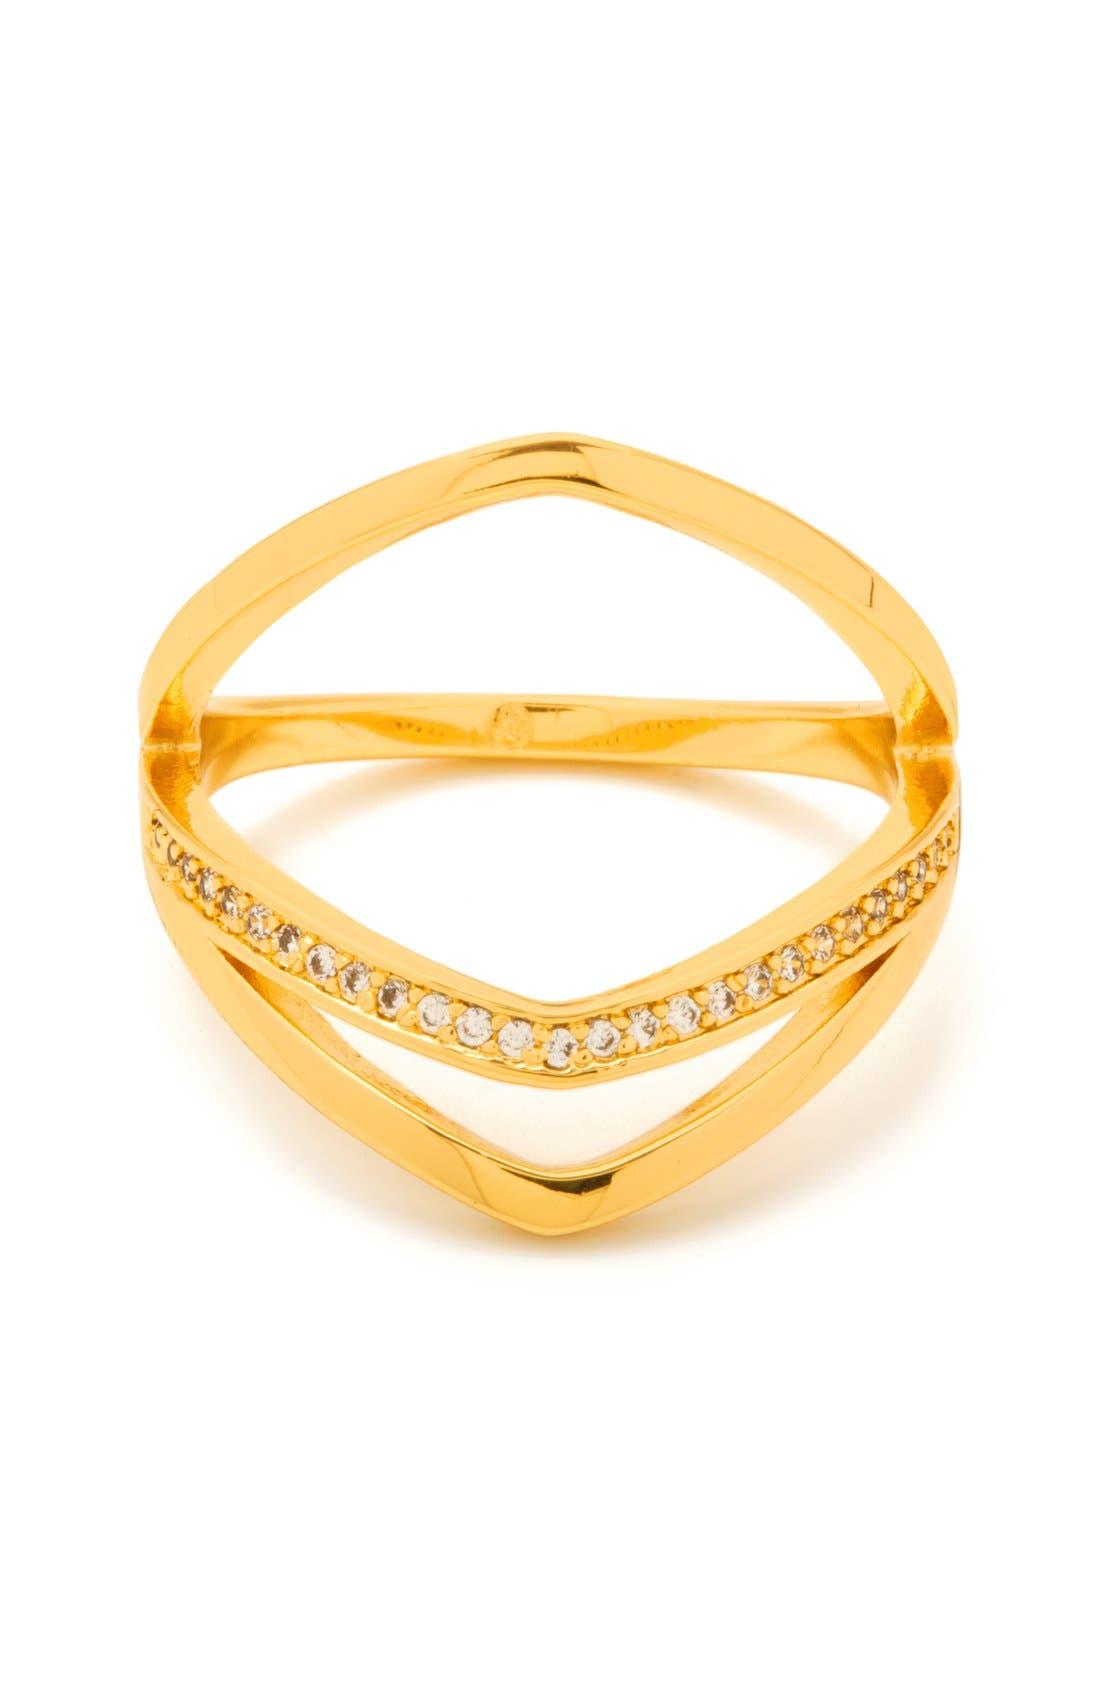 Main Image - gorjana 'Cress Shimmer' Split Ring